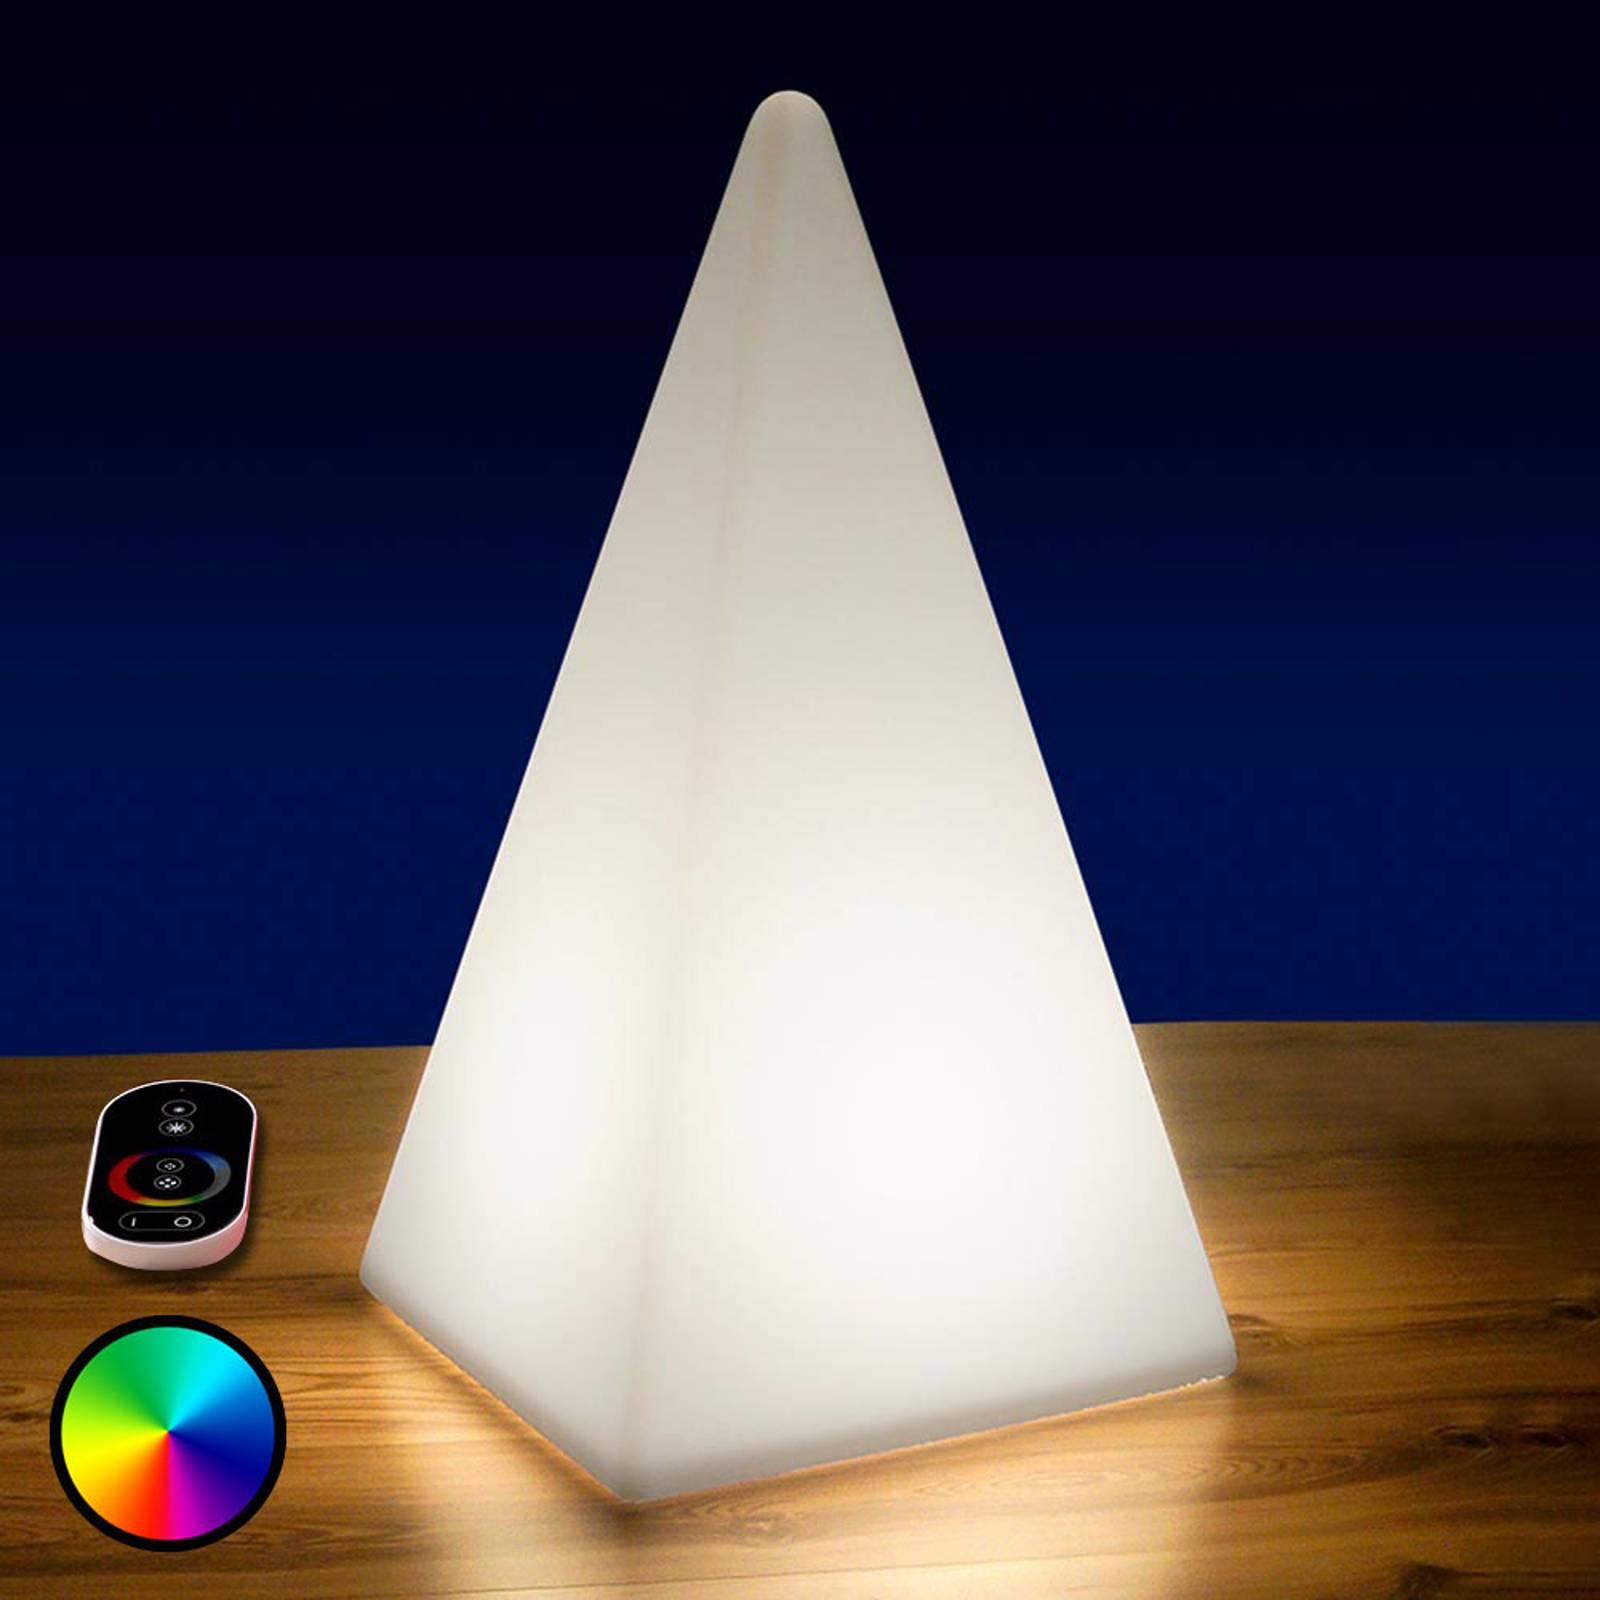 Akkukäyttöinen RGB-LED-pyramidi, 36 cm